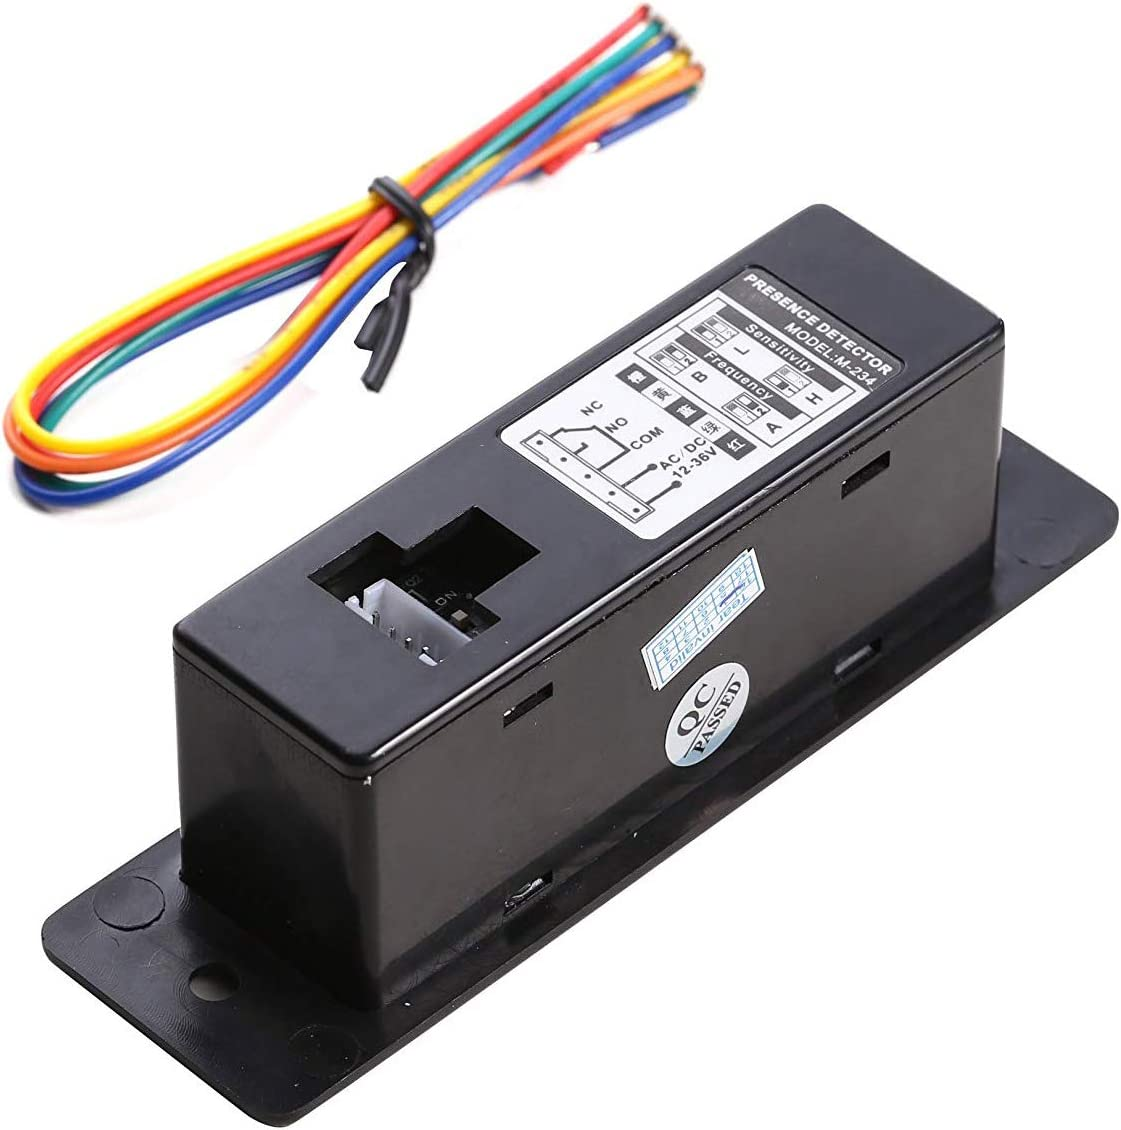 UHPPOTE Lado Presencia Sensor Detector Parte Para Sistma Control De Puerta Automática Auto-Puerta